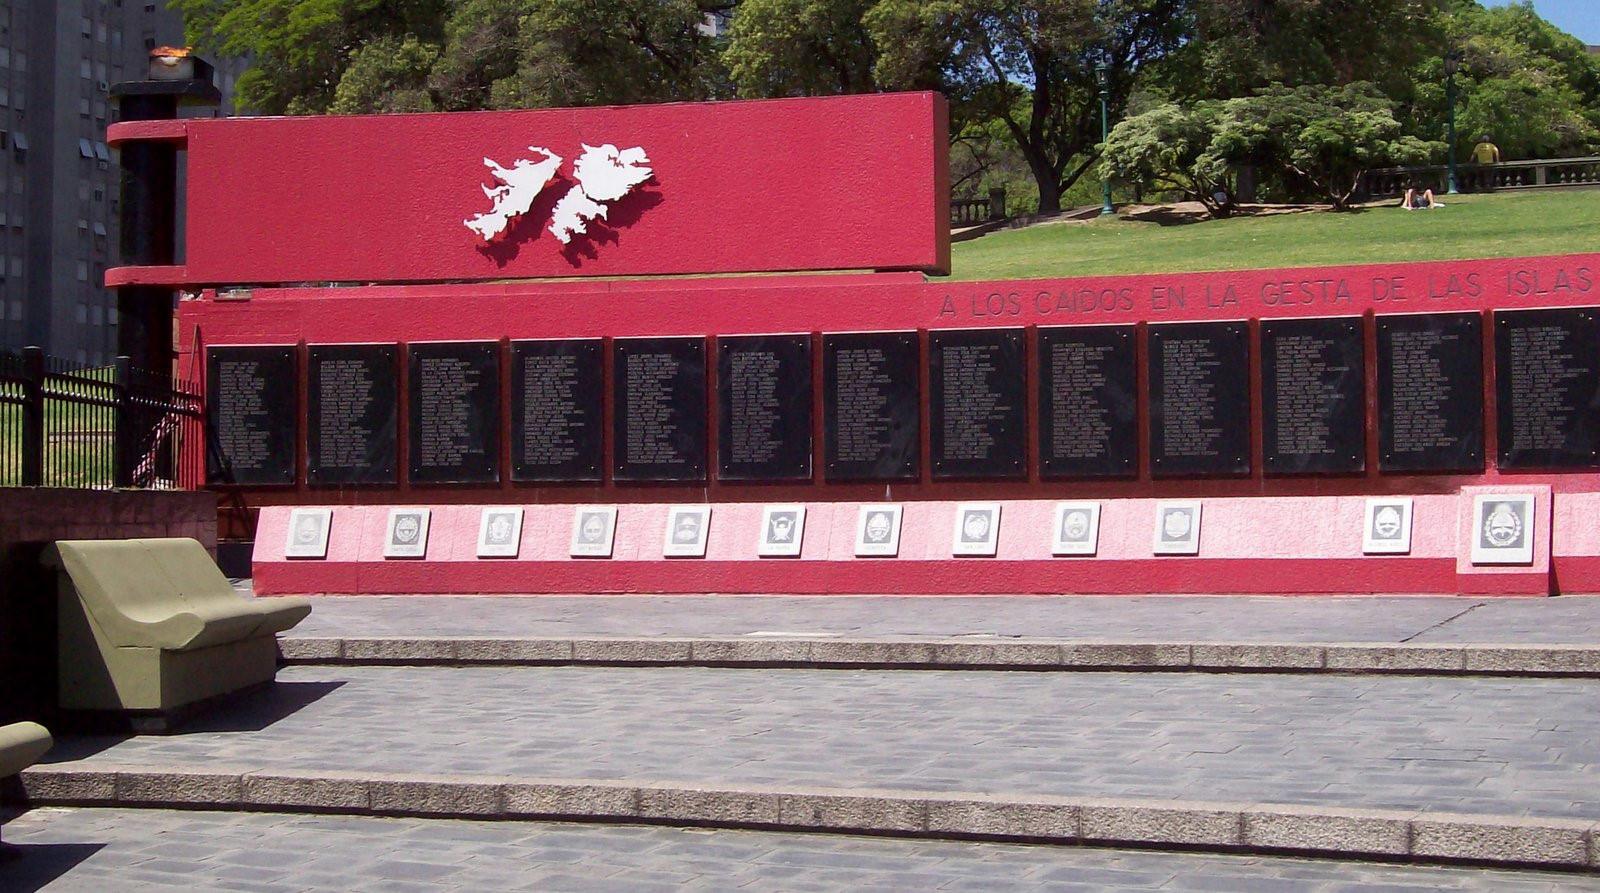 Denkmal für dieGefallenendes Krieges um die Falkland-Inseln (Malvinas) von 1982 - Buenos Aires